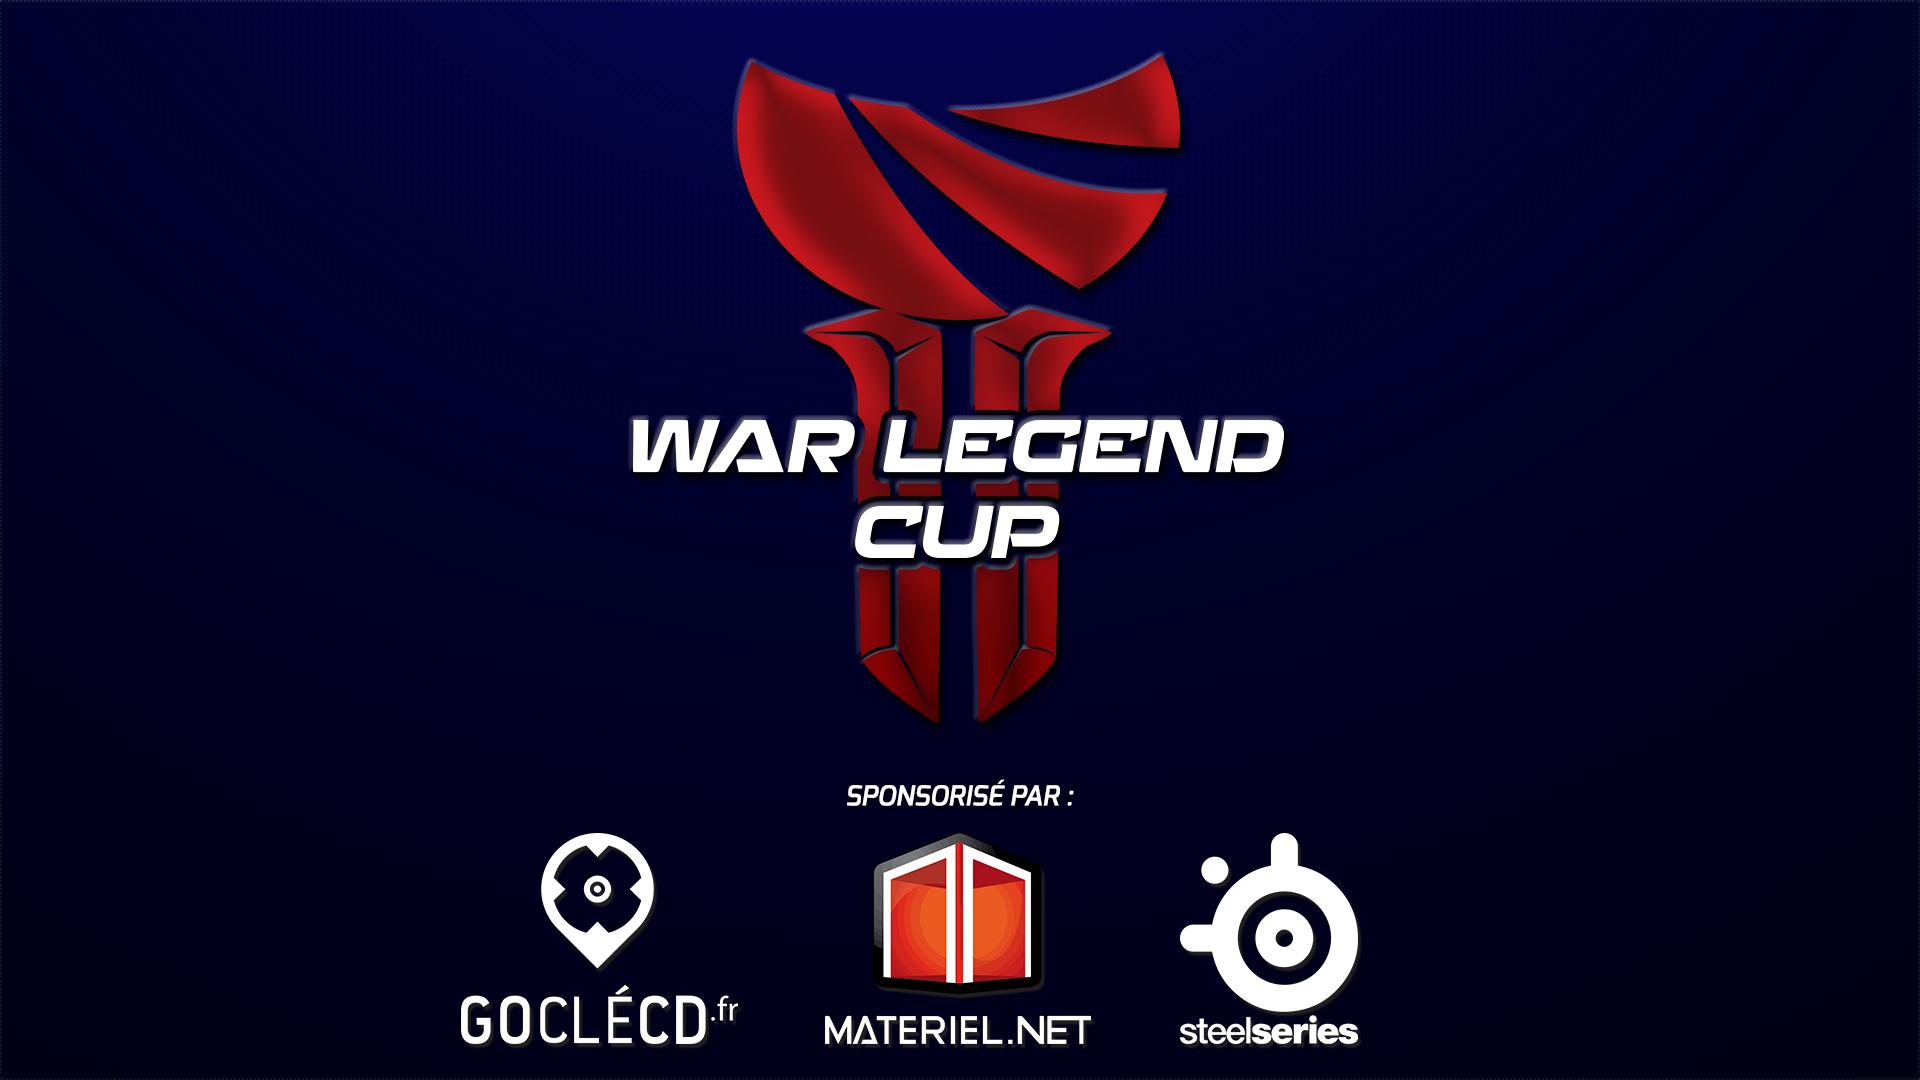 WarLegendCup 2